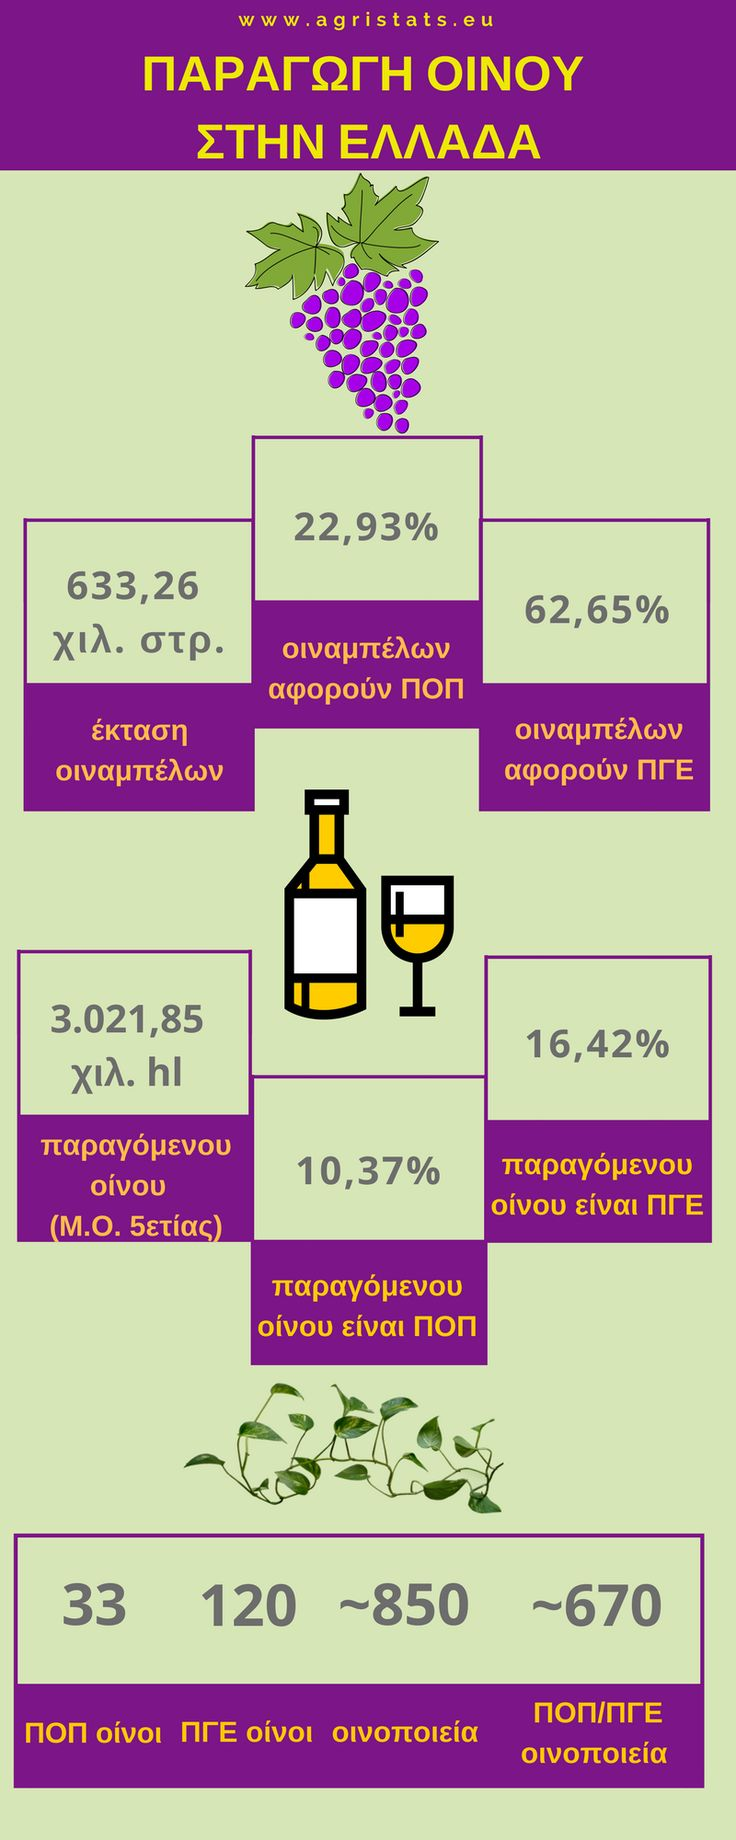 Παραγωγή οίνου στην Ελλάδα